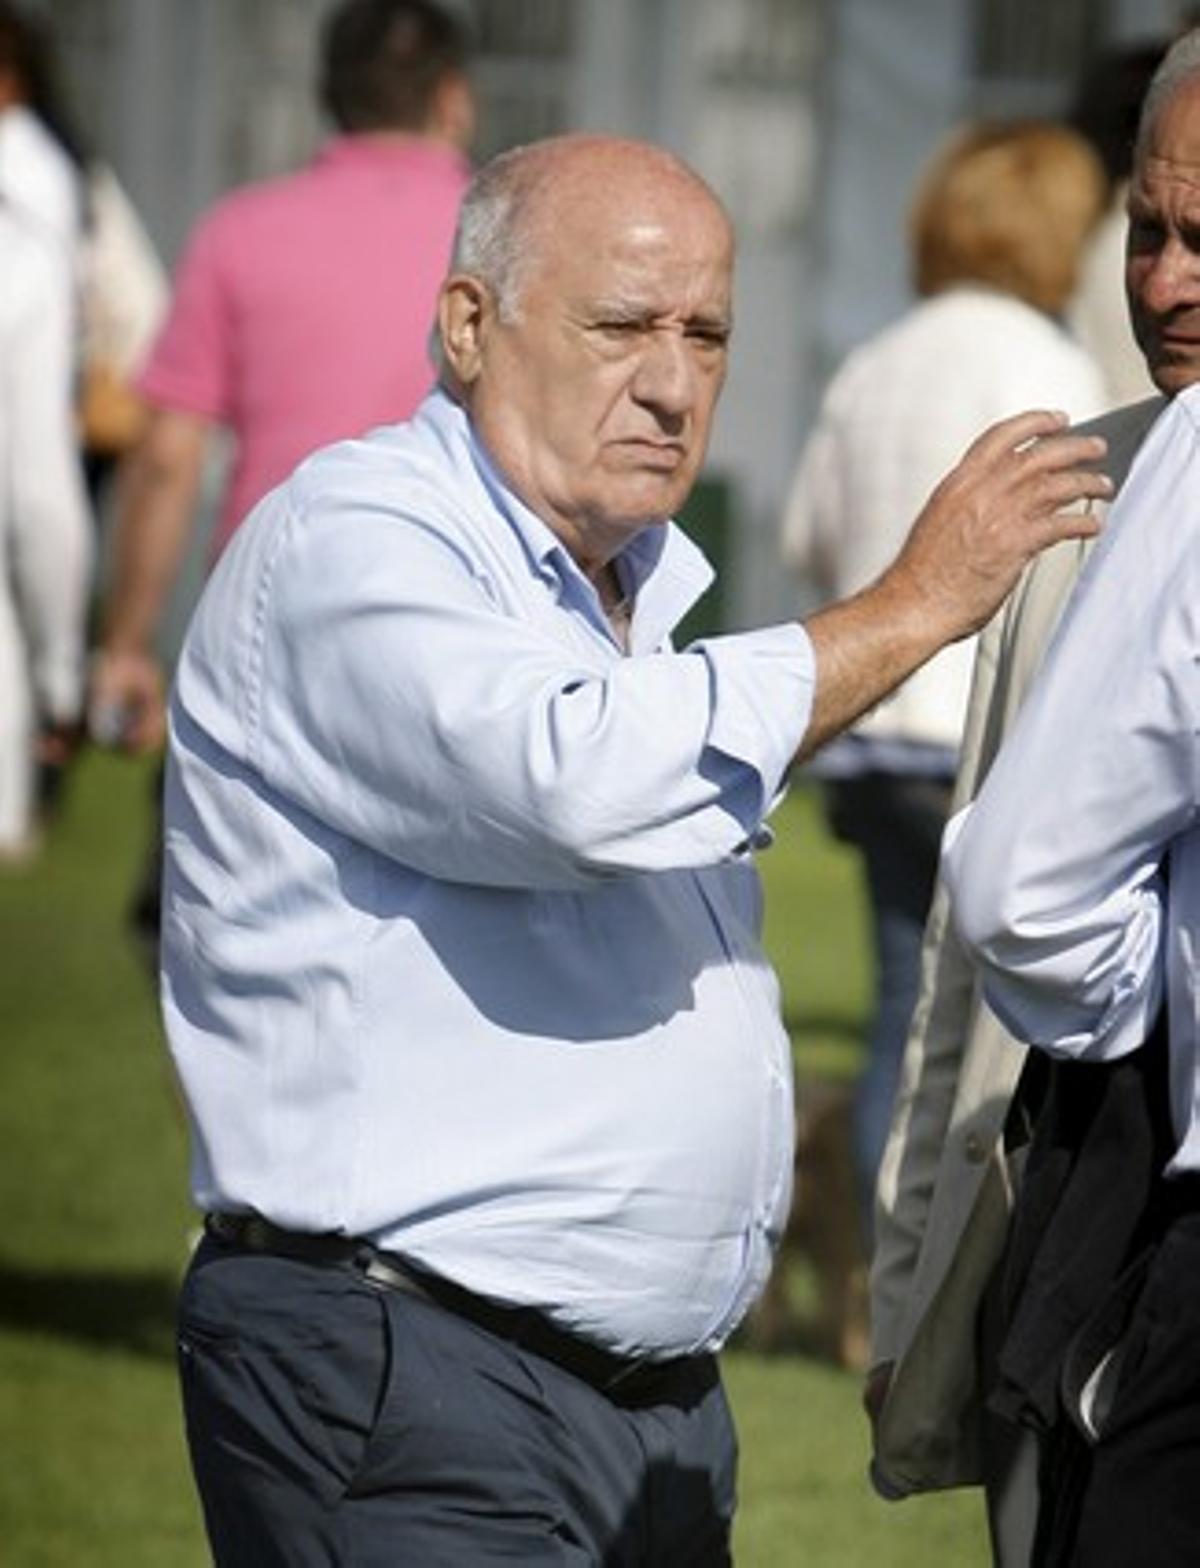 El fundador de Inditex, Amancio Ortega, durante un concurso hípico en el municipio coruñés de Arteixo, el pasado 28 de julio.